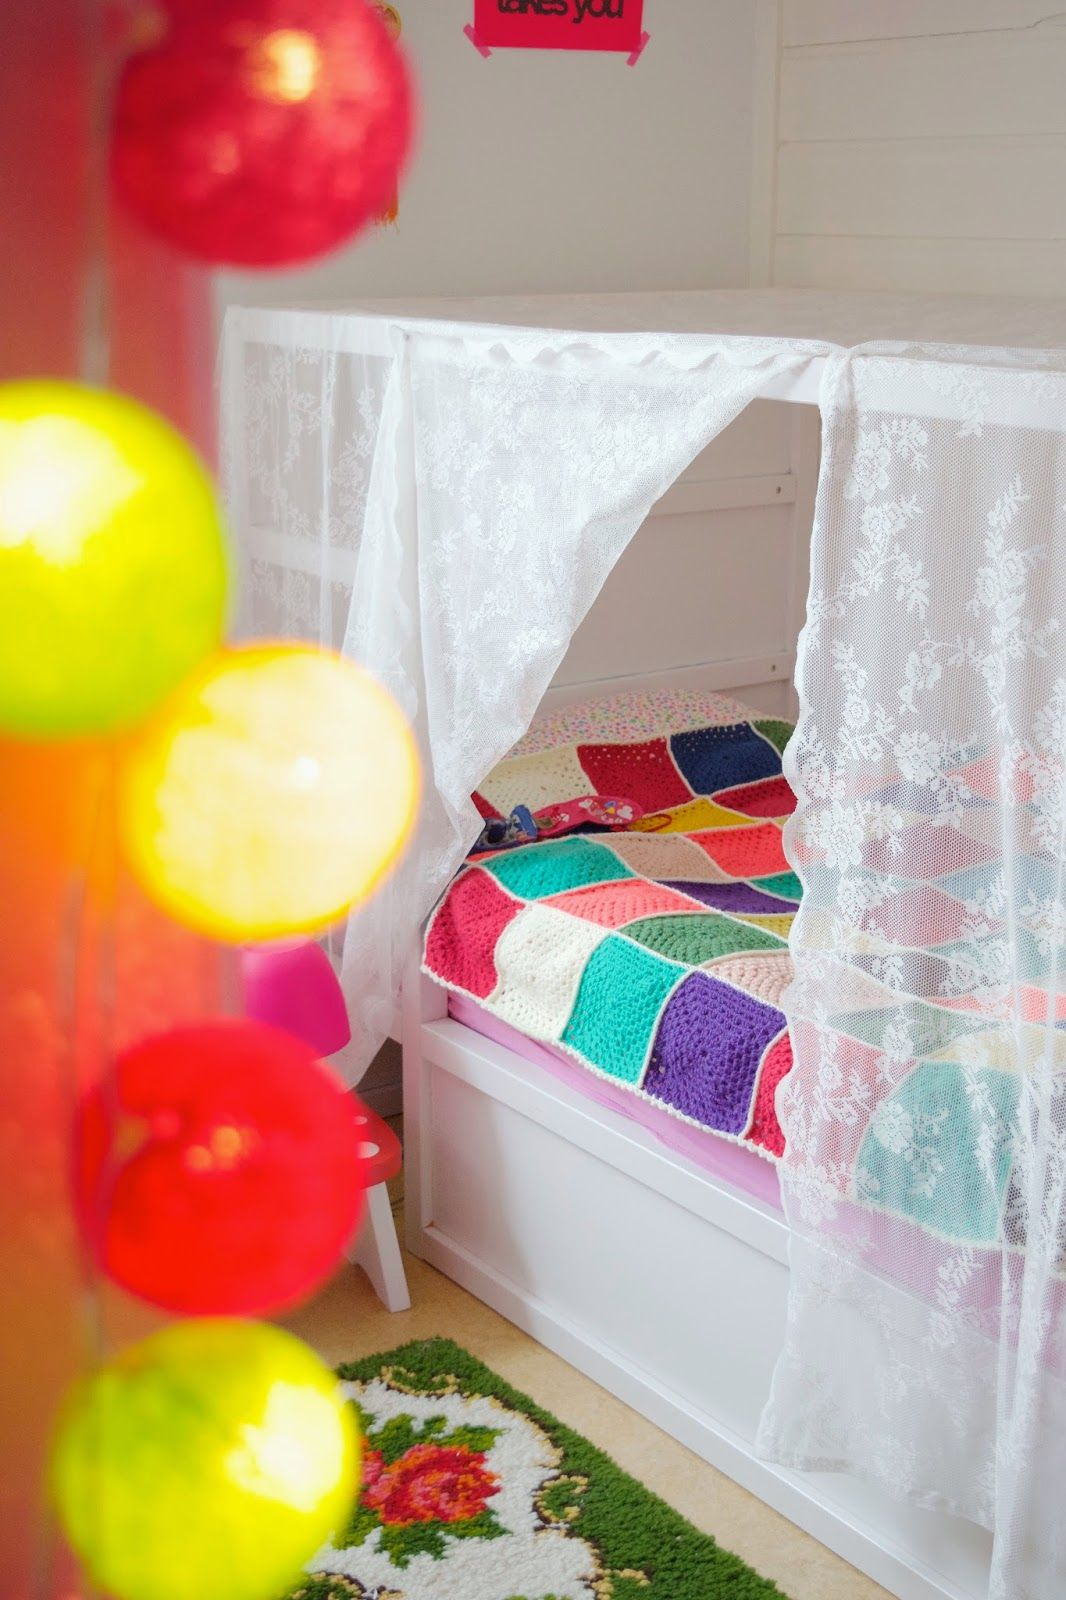 Ikea gordijn als hemeltje, zelfde bed als Elin | lente! | Pinterest ...